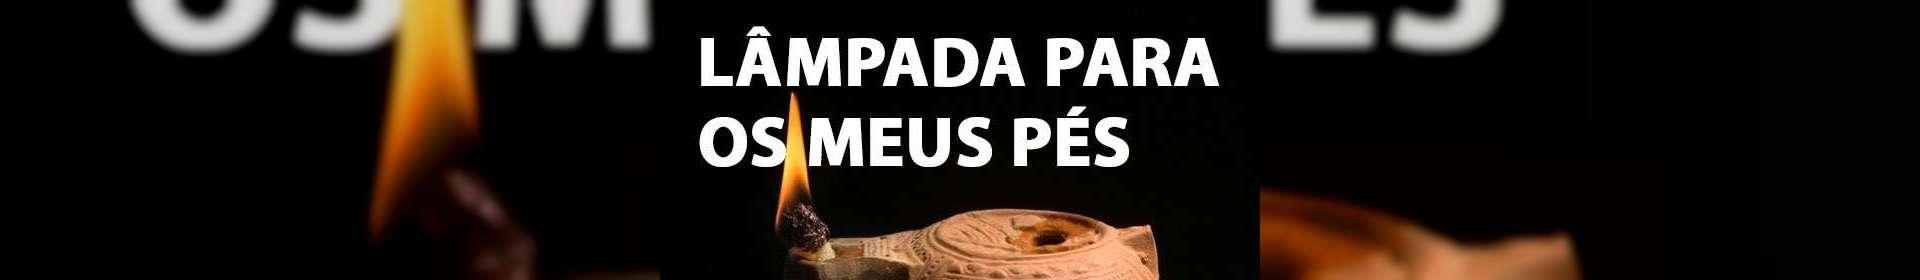 Lâmpada para os Meus Pés - 07/10/2019